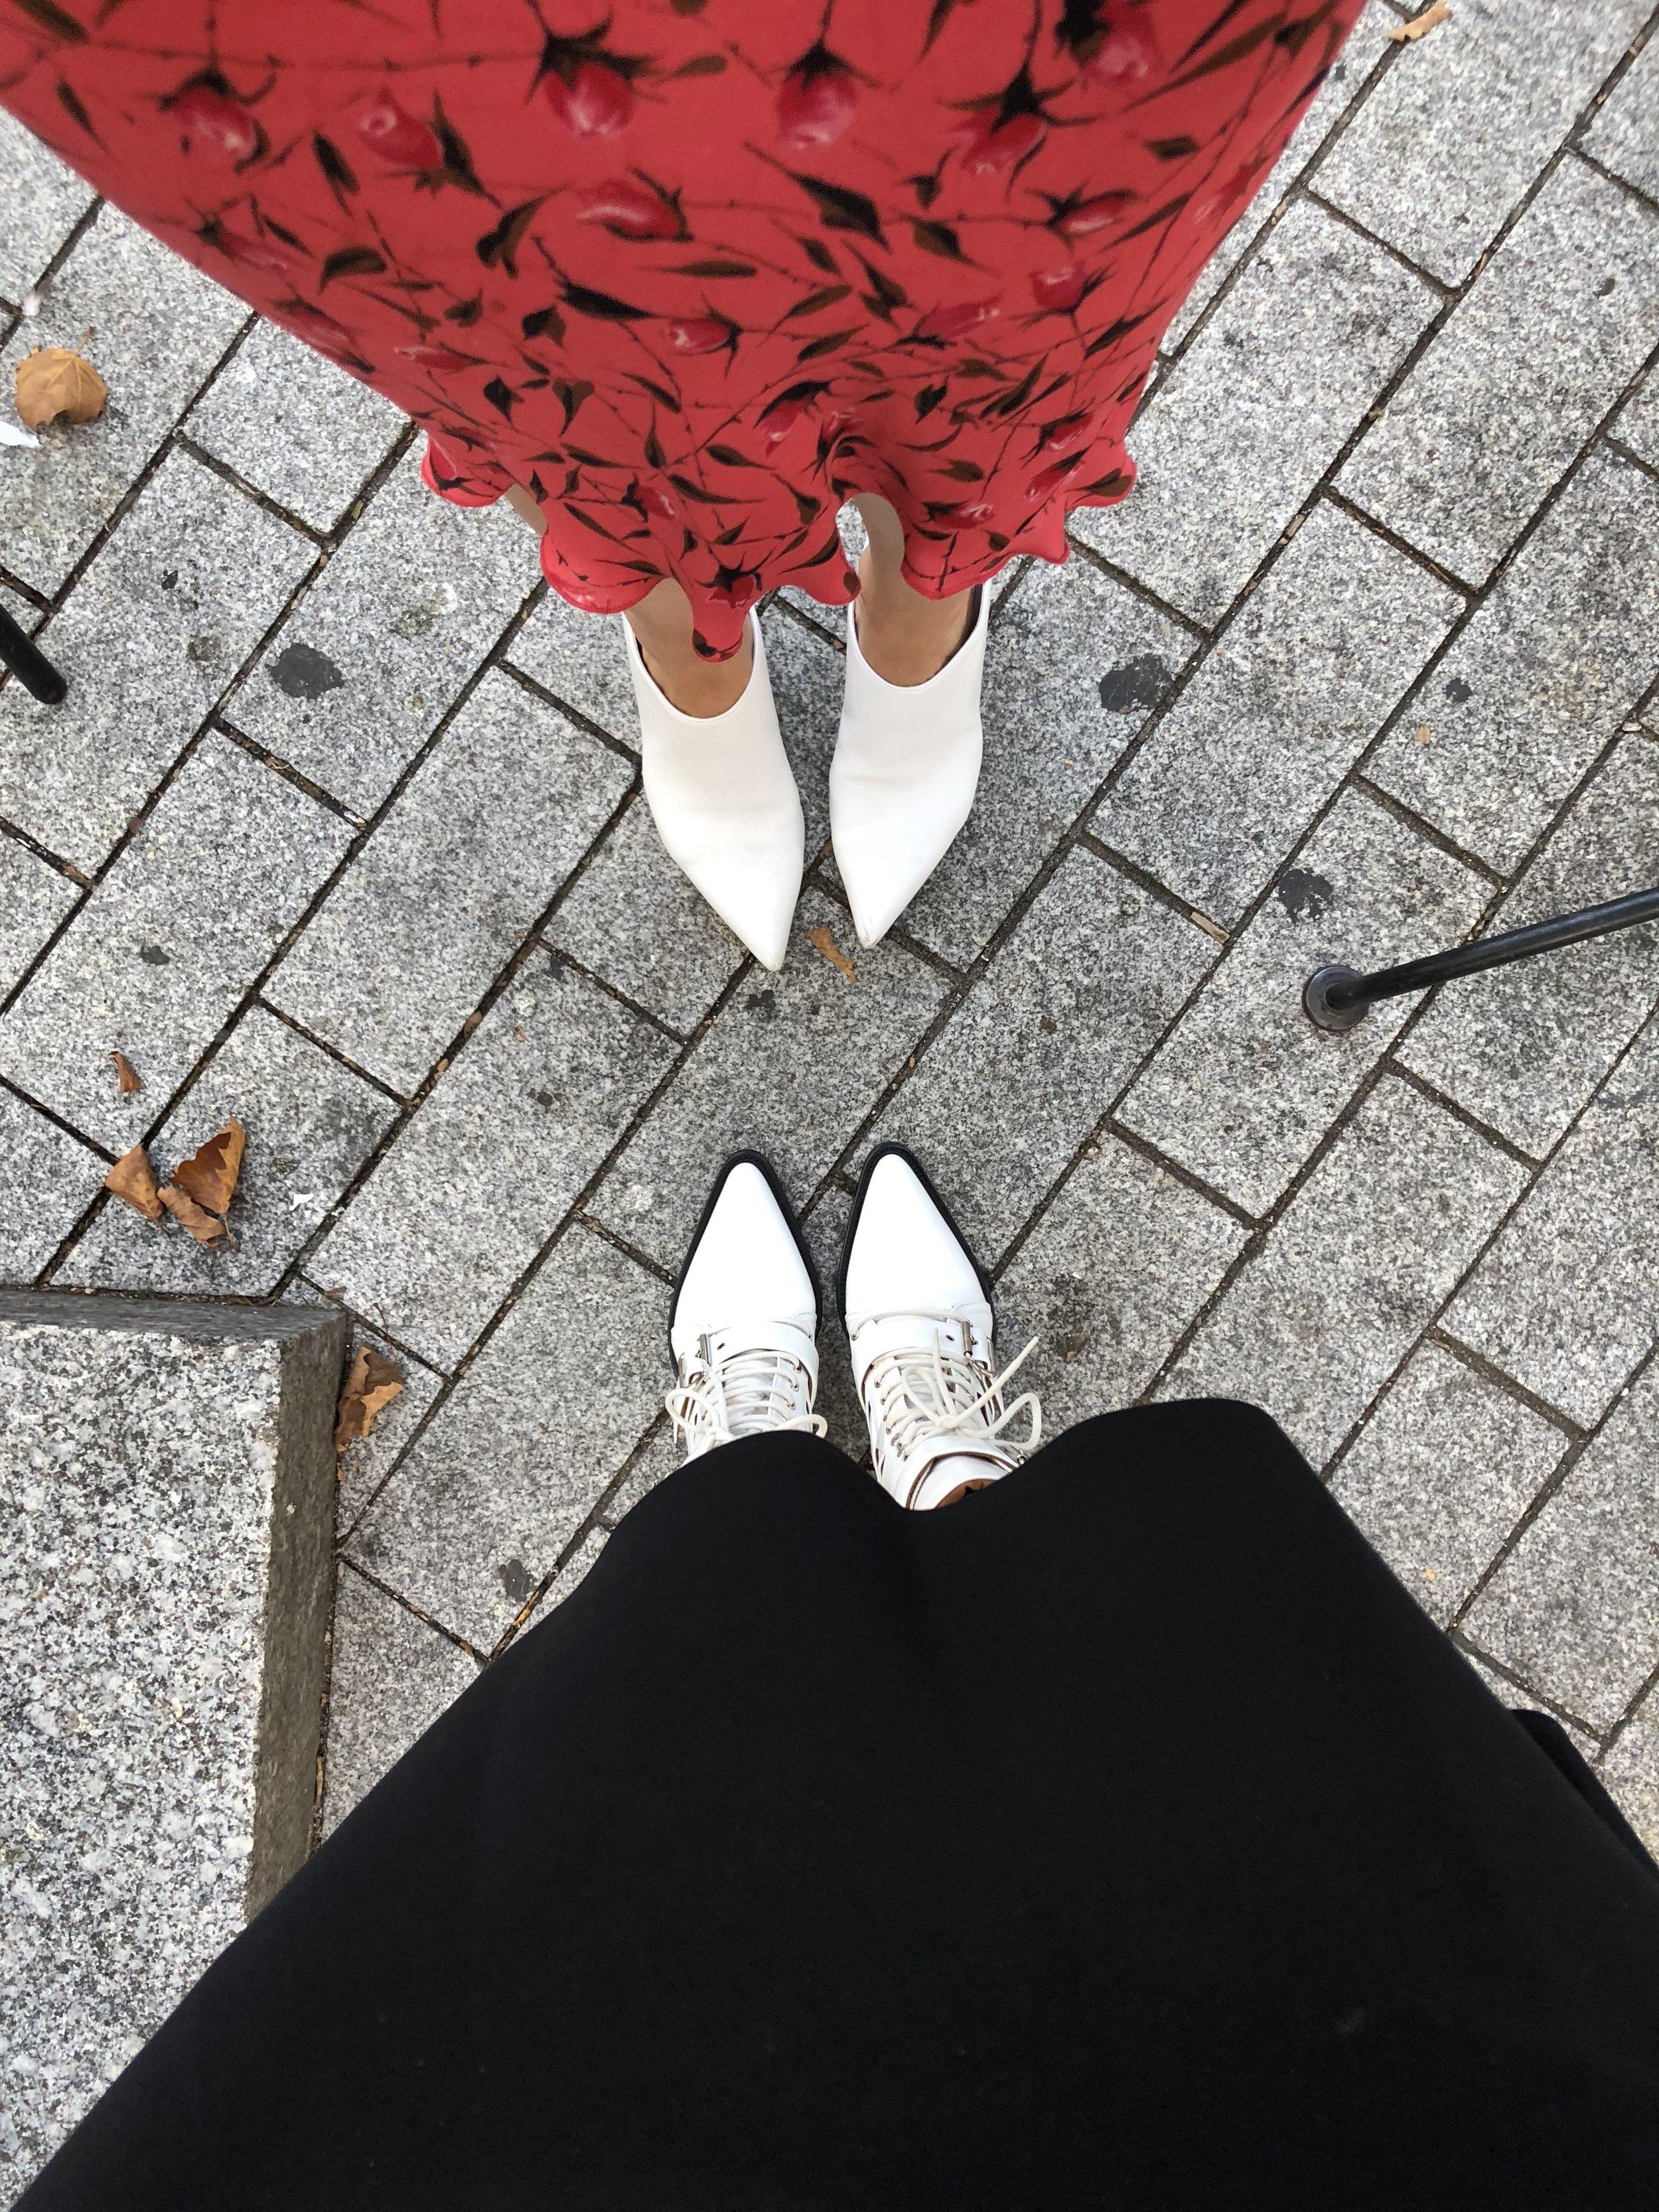 Stuart Weitzman mules, Chloe boots